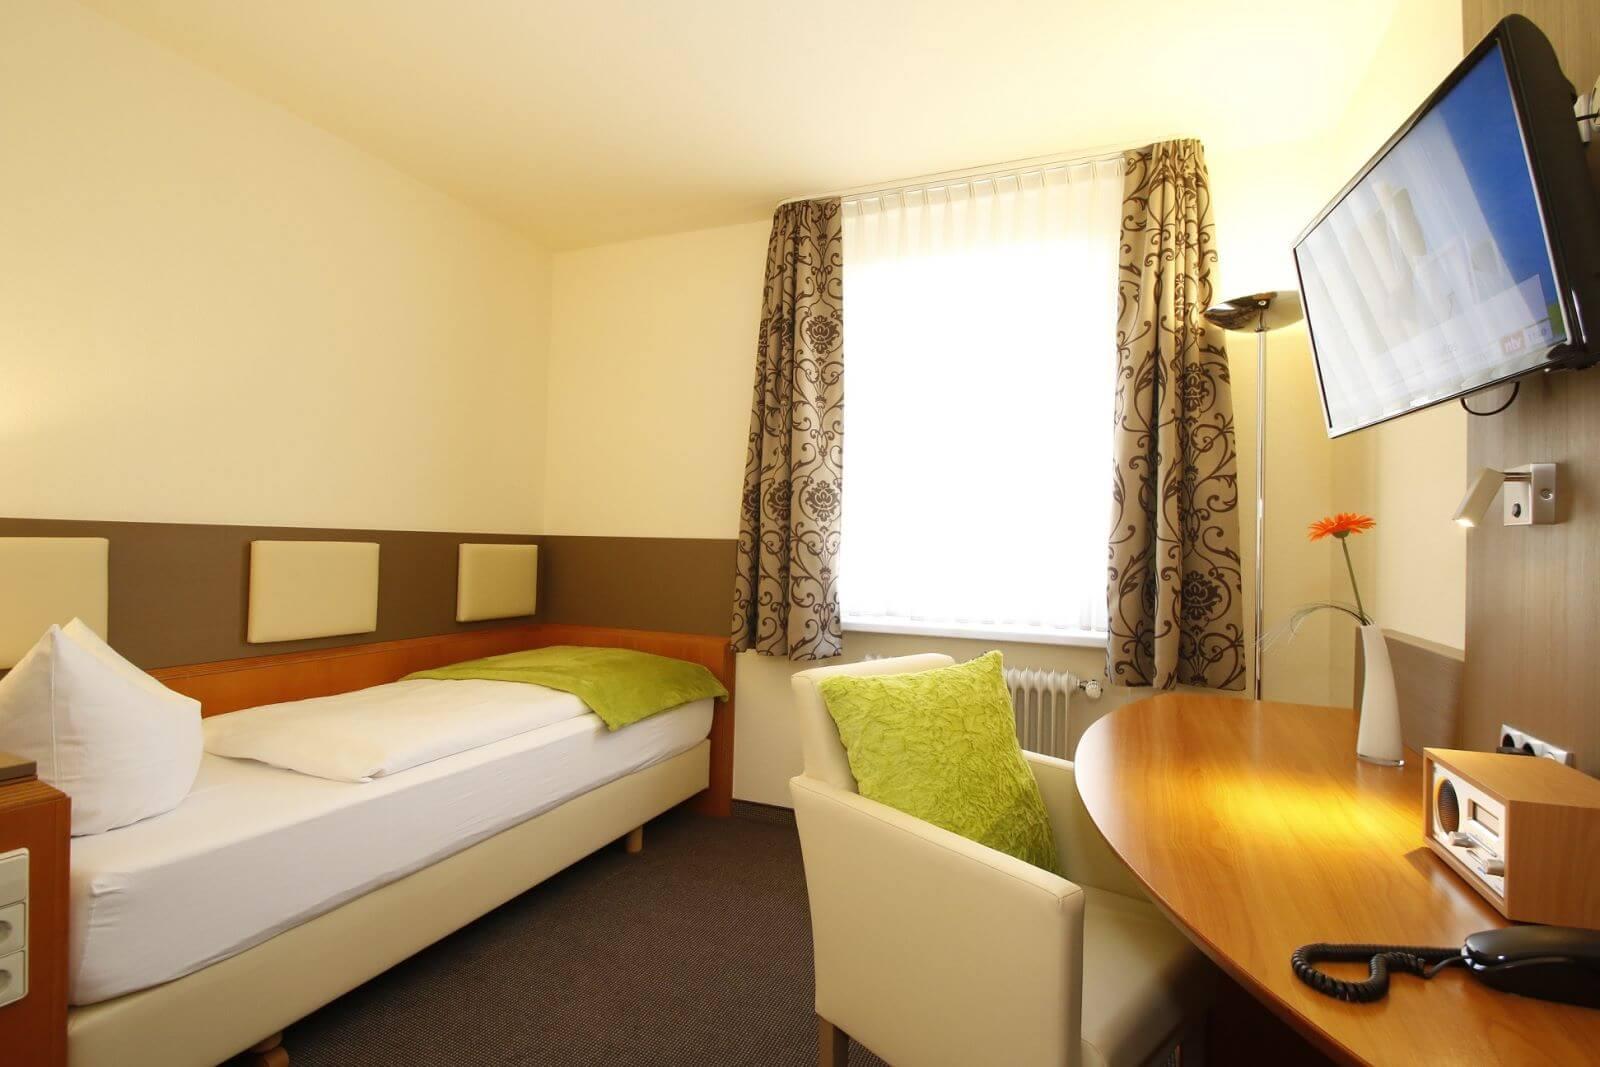 einzelzimmer-hotel-garni-pension-freiburg-cityhotel-innenstadt-guenstig (1)